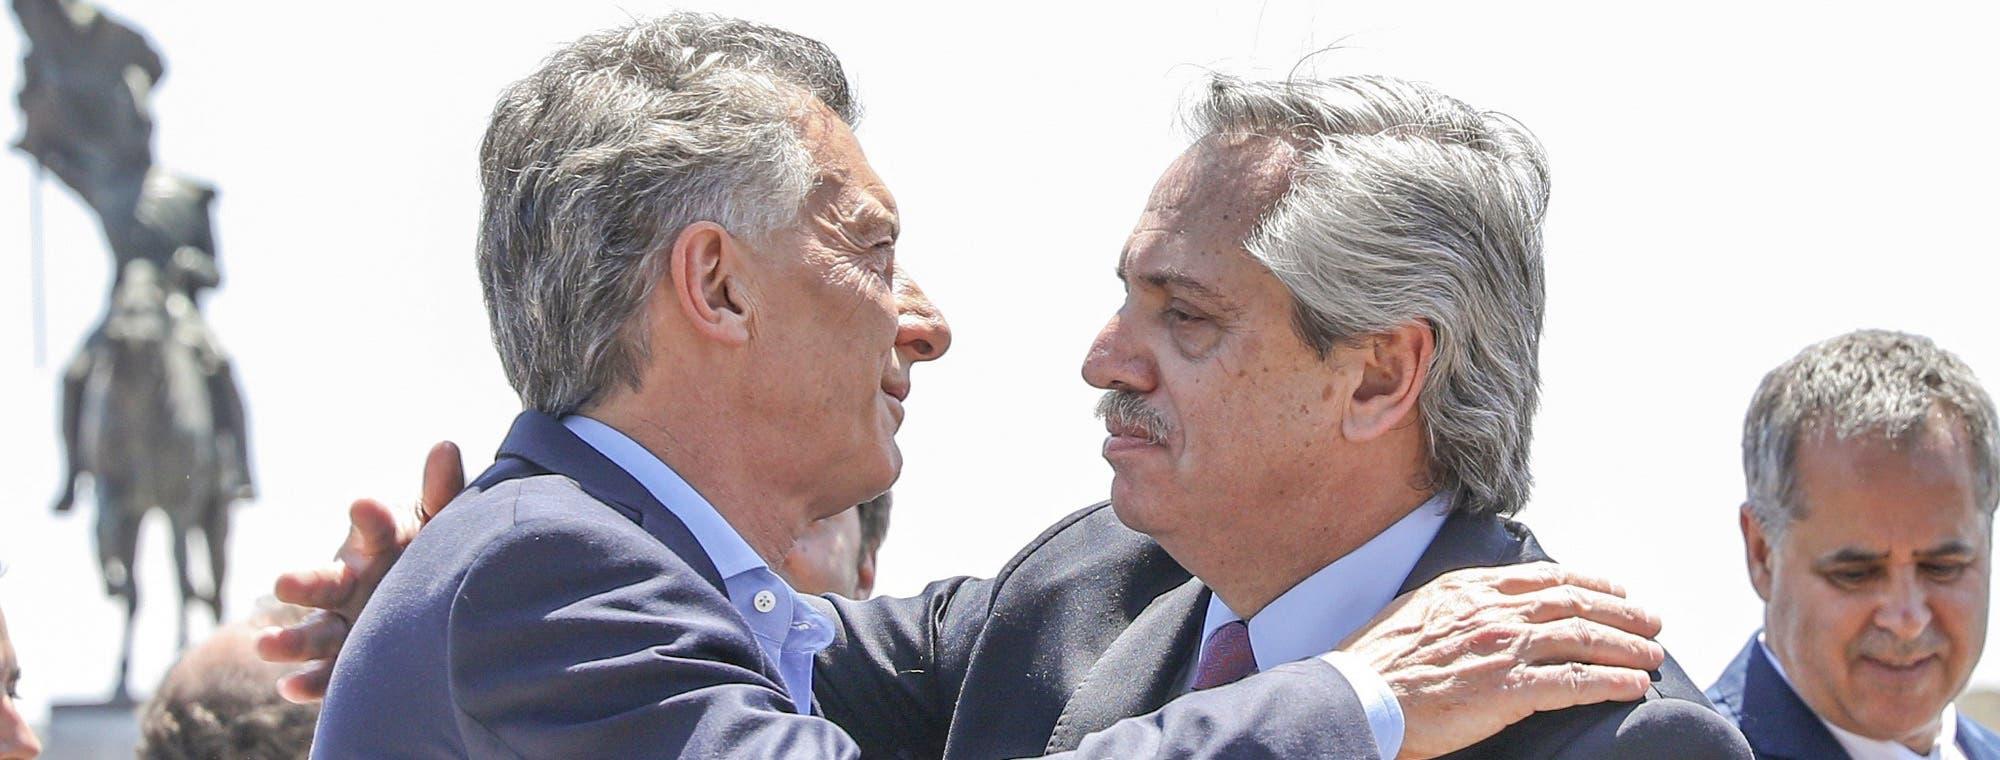 """En fotos: así fue el encuentro entre Mauricio Macri y Alberto Fernández en la misa por """"la unidad"""" en Luján"""